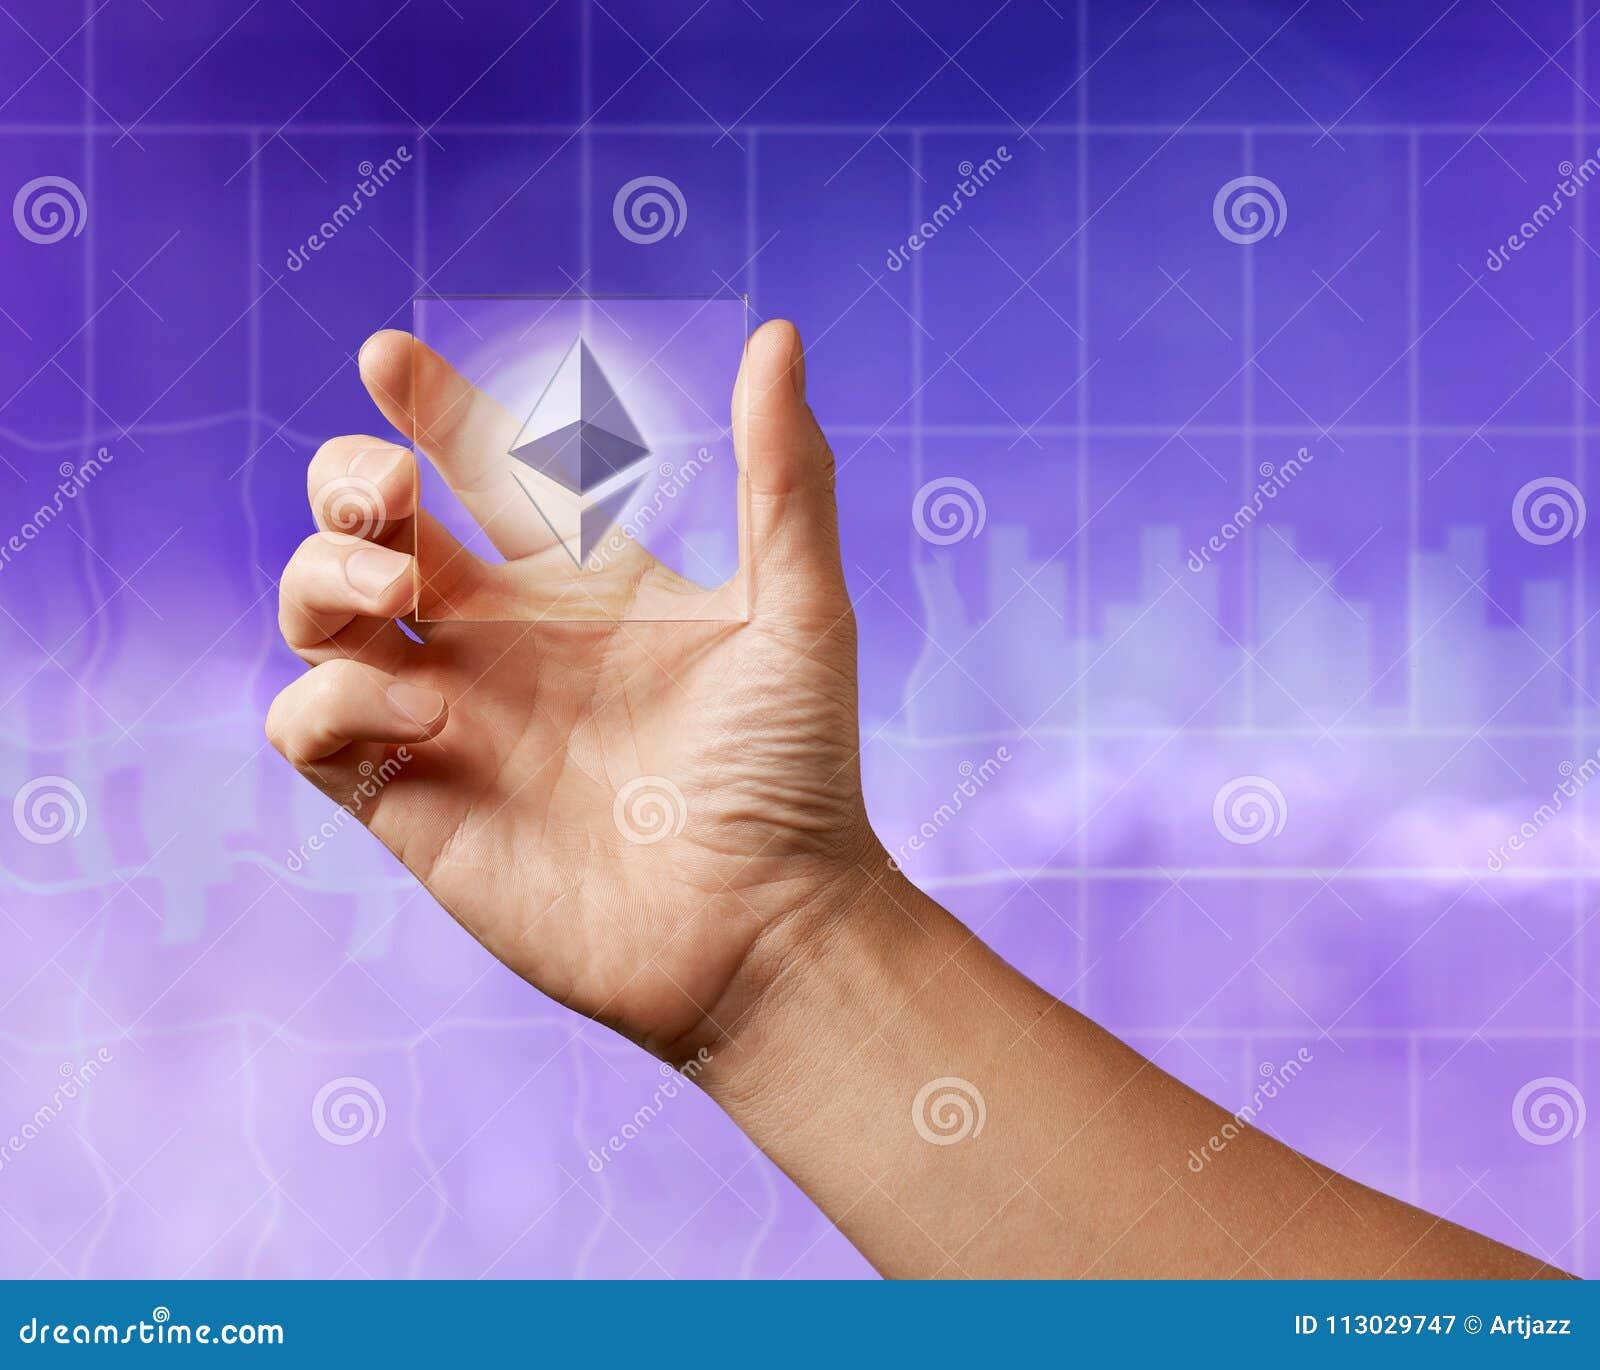 Icono del etereum en una pantalla digital transparente en el fondo ultravioleta de la ciudad